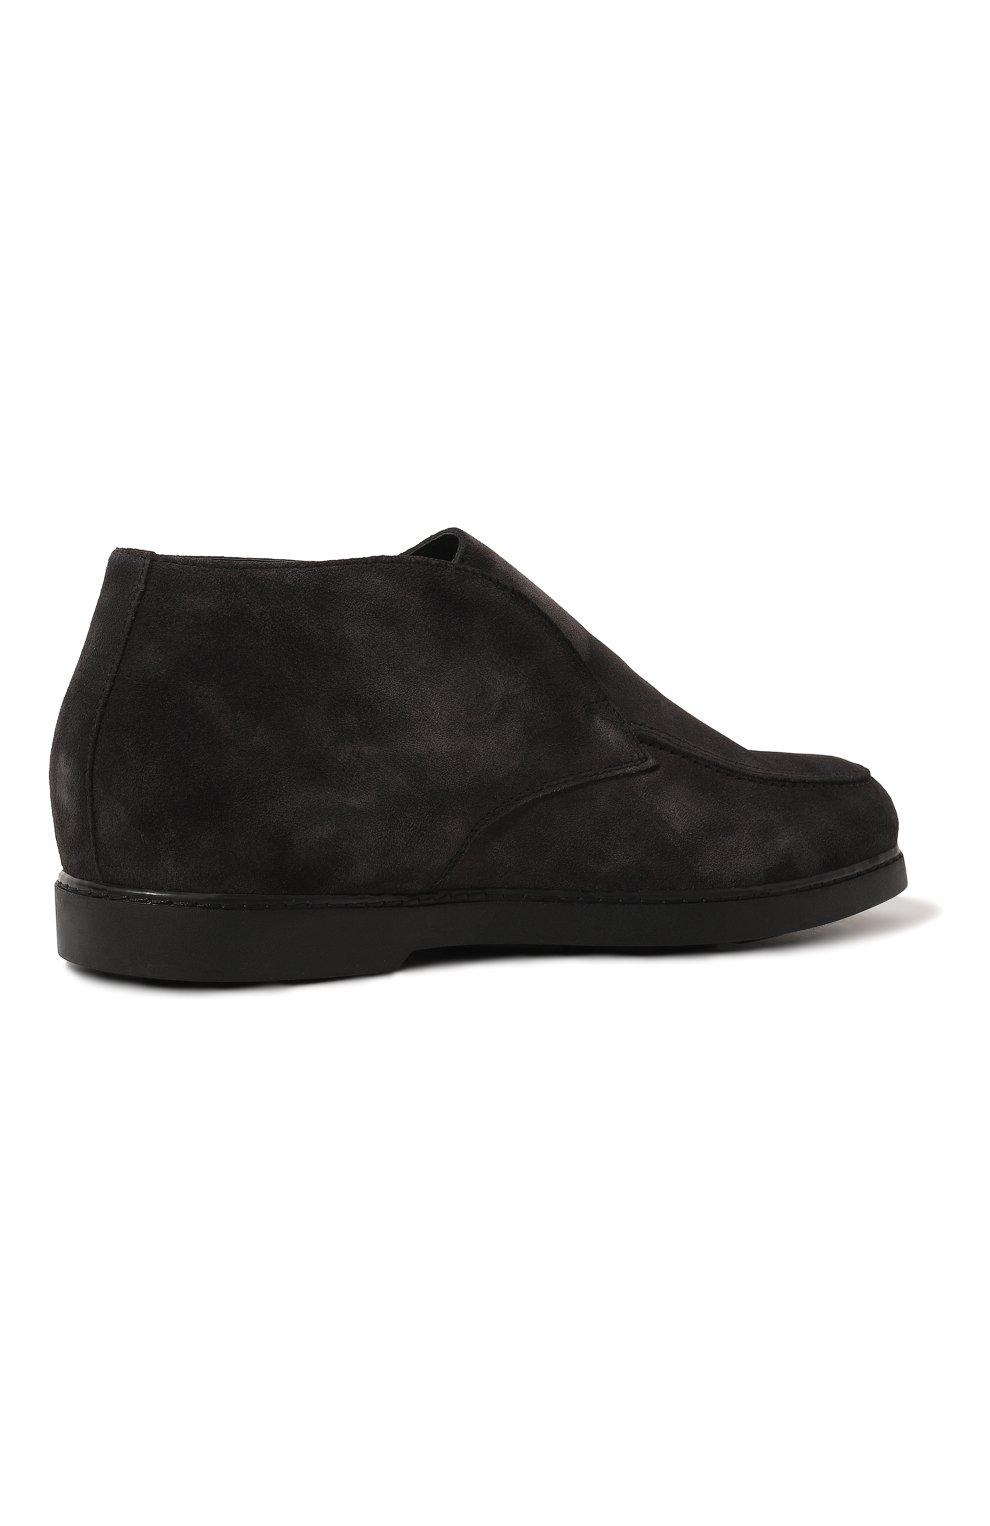 Мужские замшевые ботинки DOUCAL'S темно-серого цвета, арт. DU2654ED0-UM024NN05 | Фото 5 (Материал утеплителя: Натуральный мех; Мужское Кросс-КТ: Ботинки-обувь, зимние ботинки; Подошва: Плоская; Материал внешний: Замша)